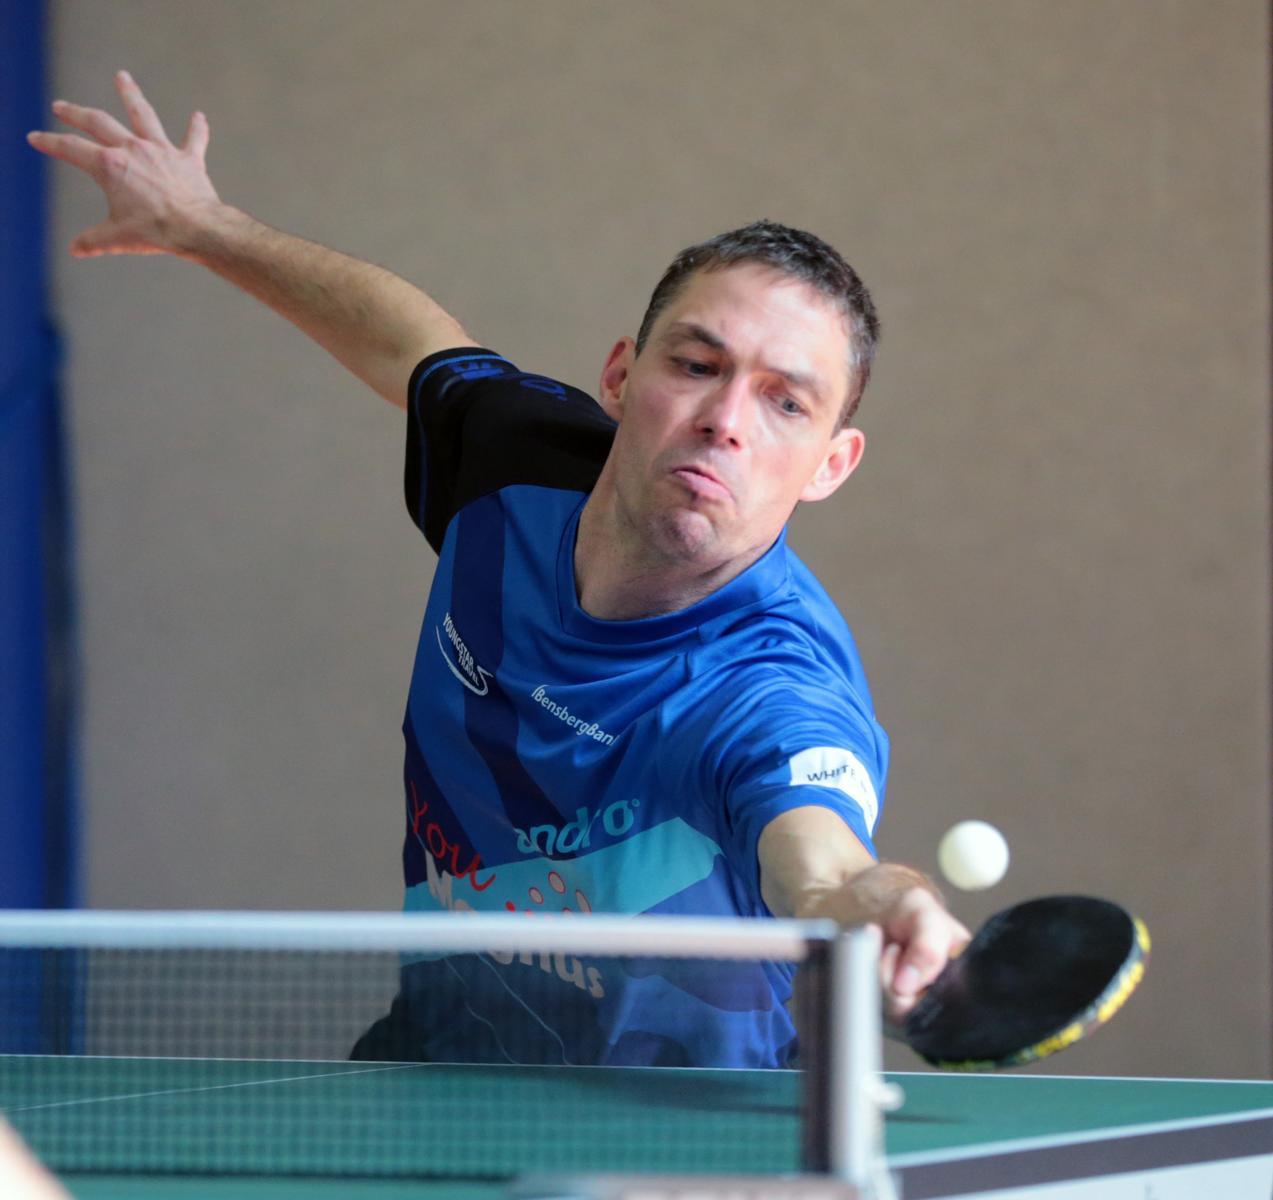 sport Tisch Tennis NRW LigaTV Refrath David Pfabe